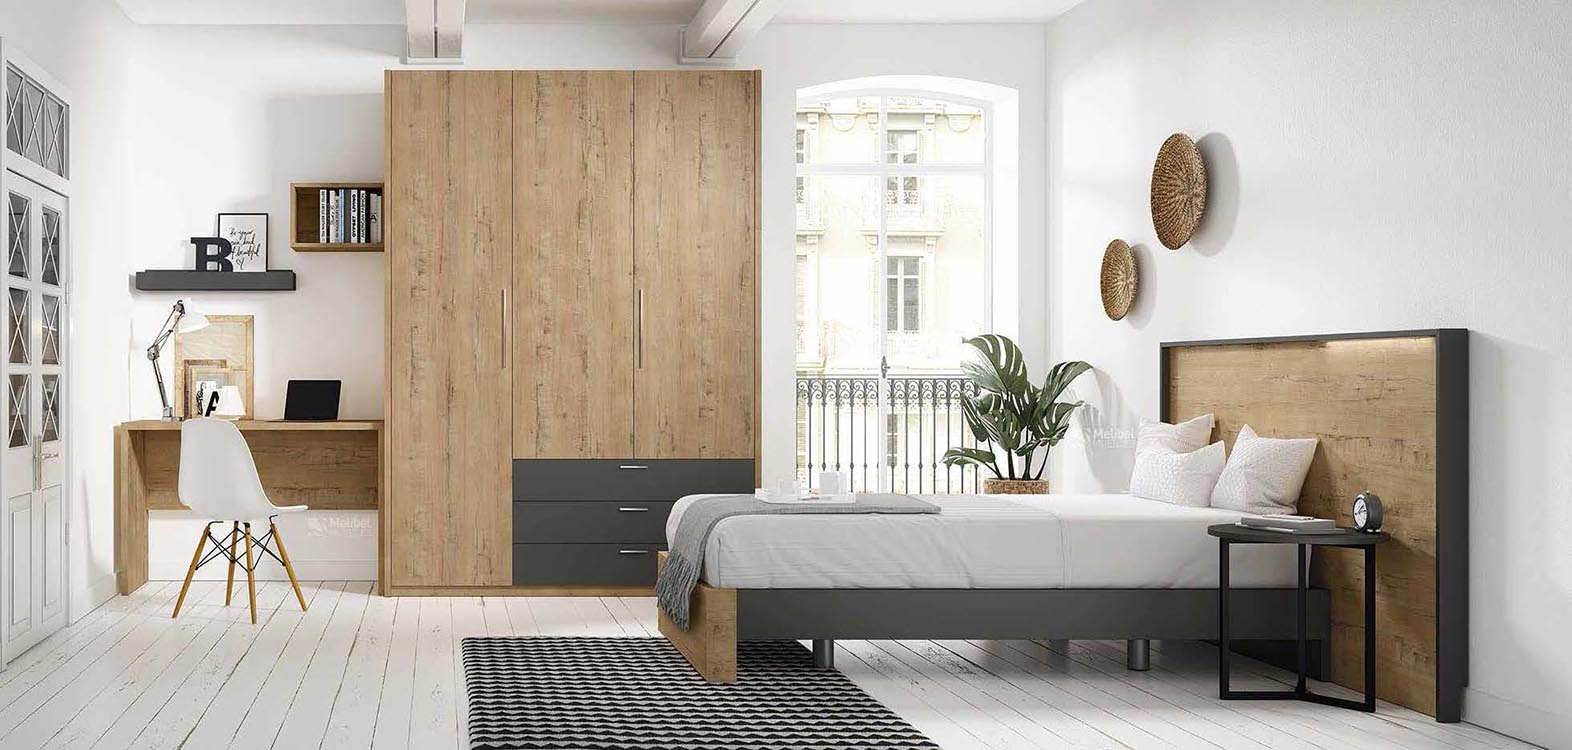 Cabeceros de cama originales - Cabeceros originales ...